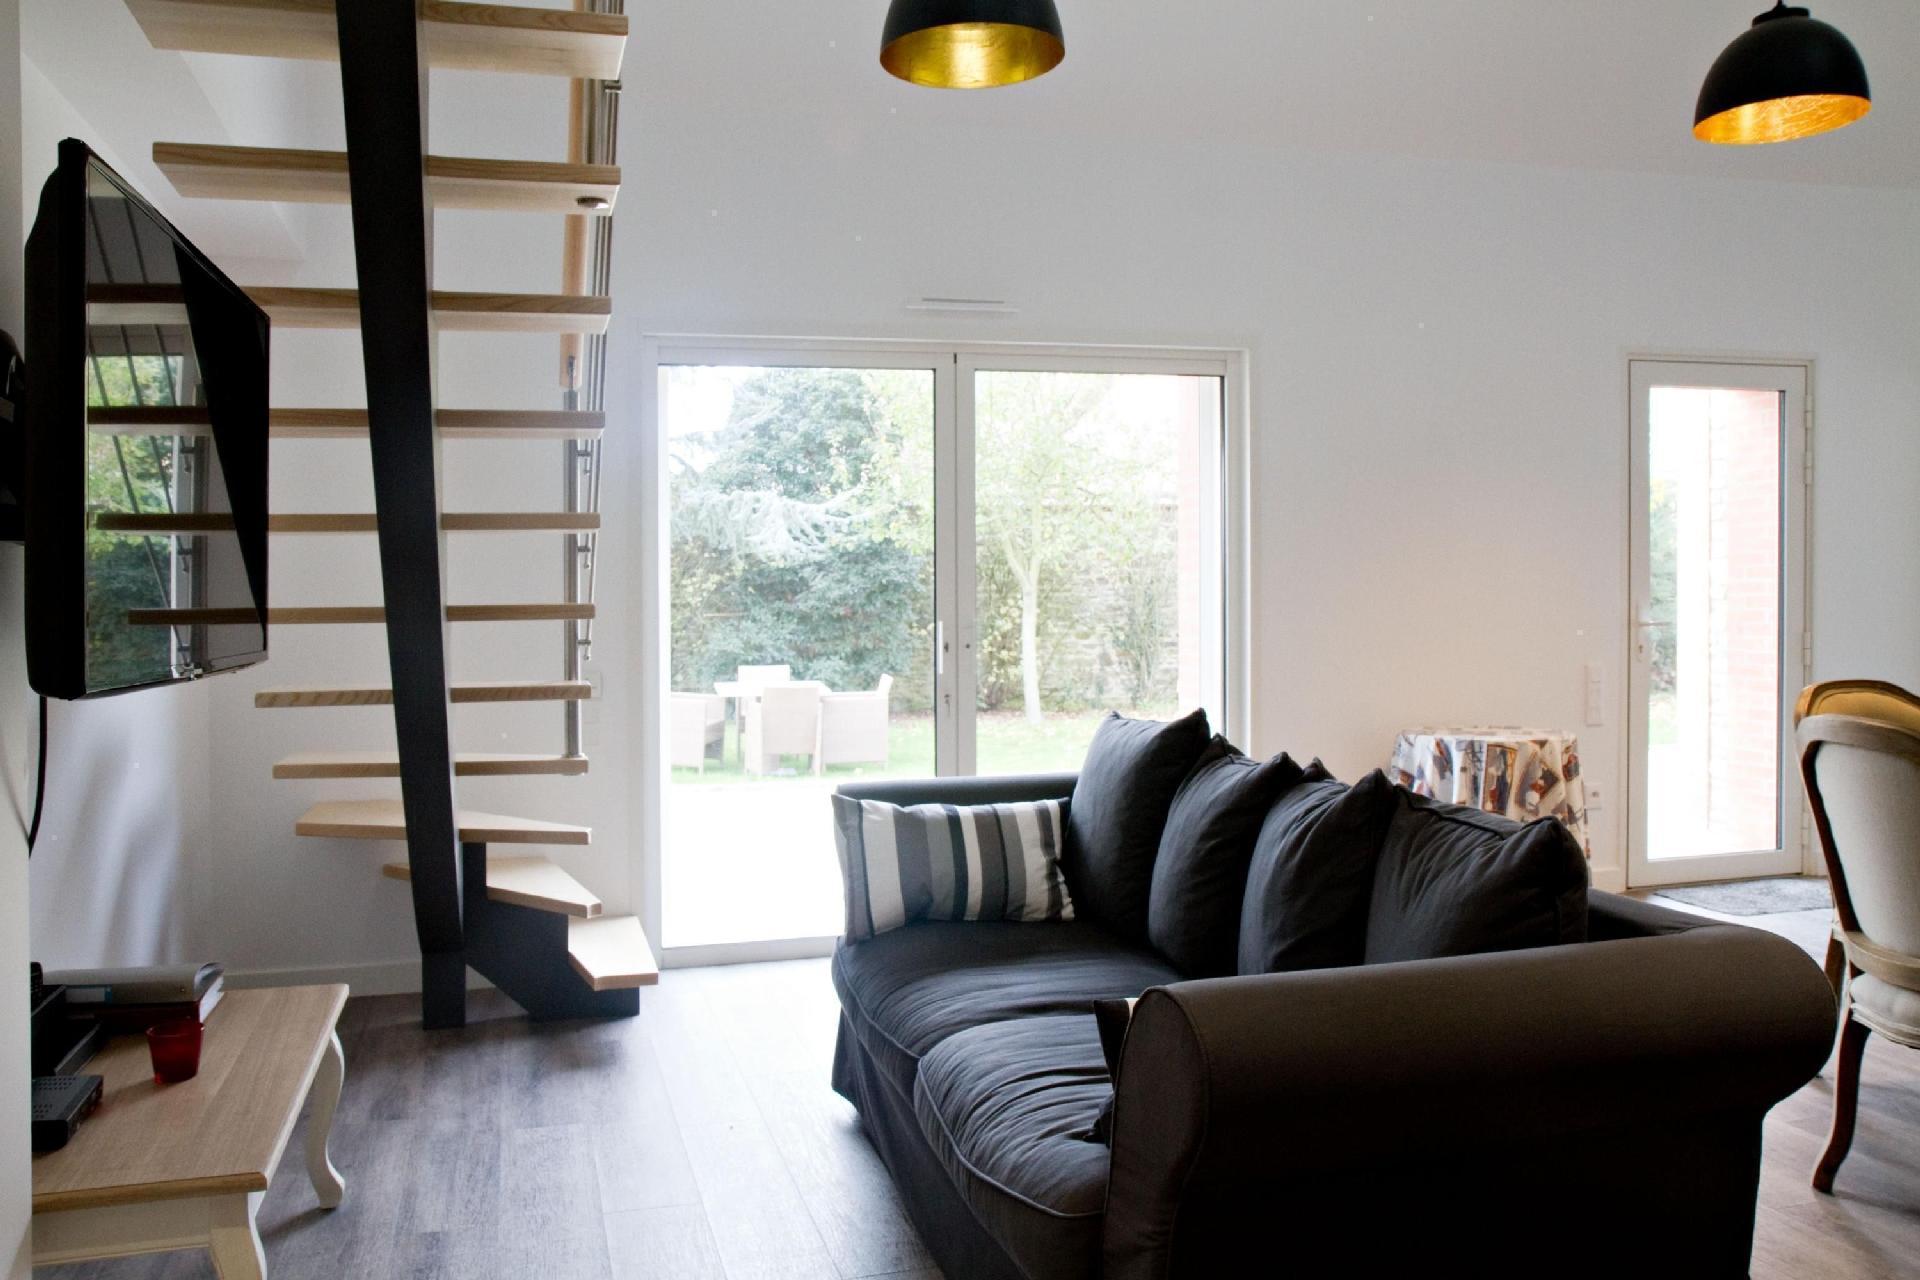 Ferienhaus für 4 Personen ca. 120 m² in   in Frankreich